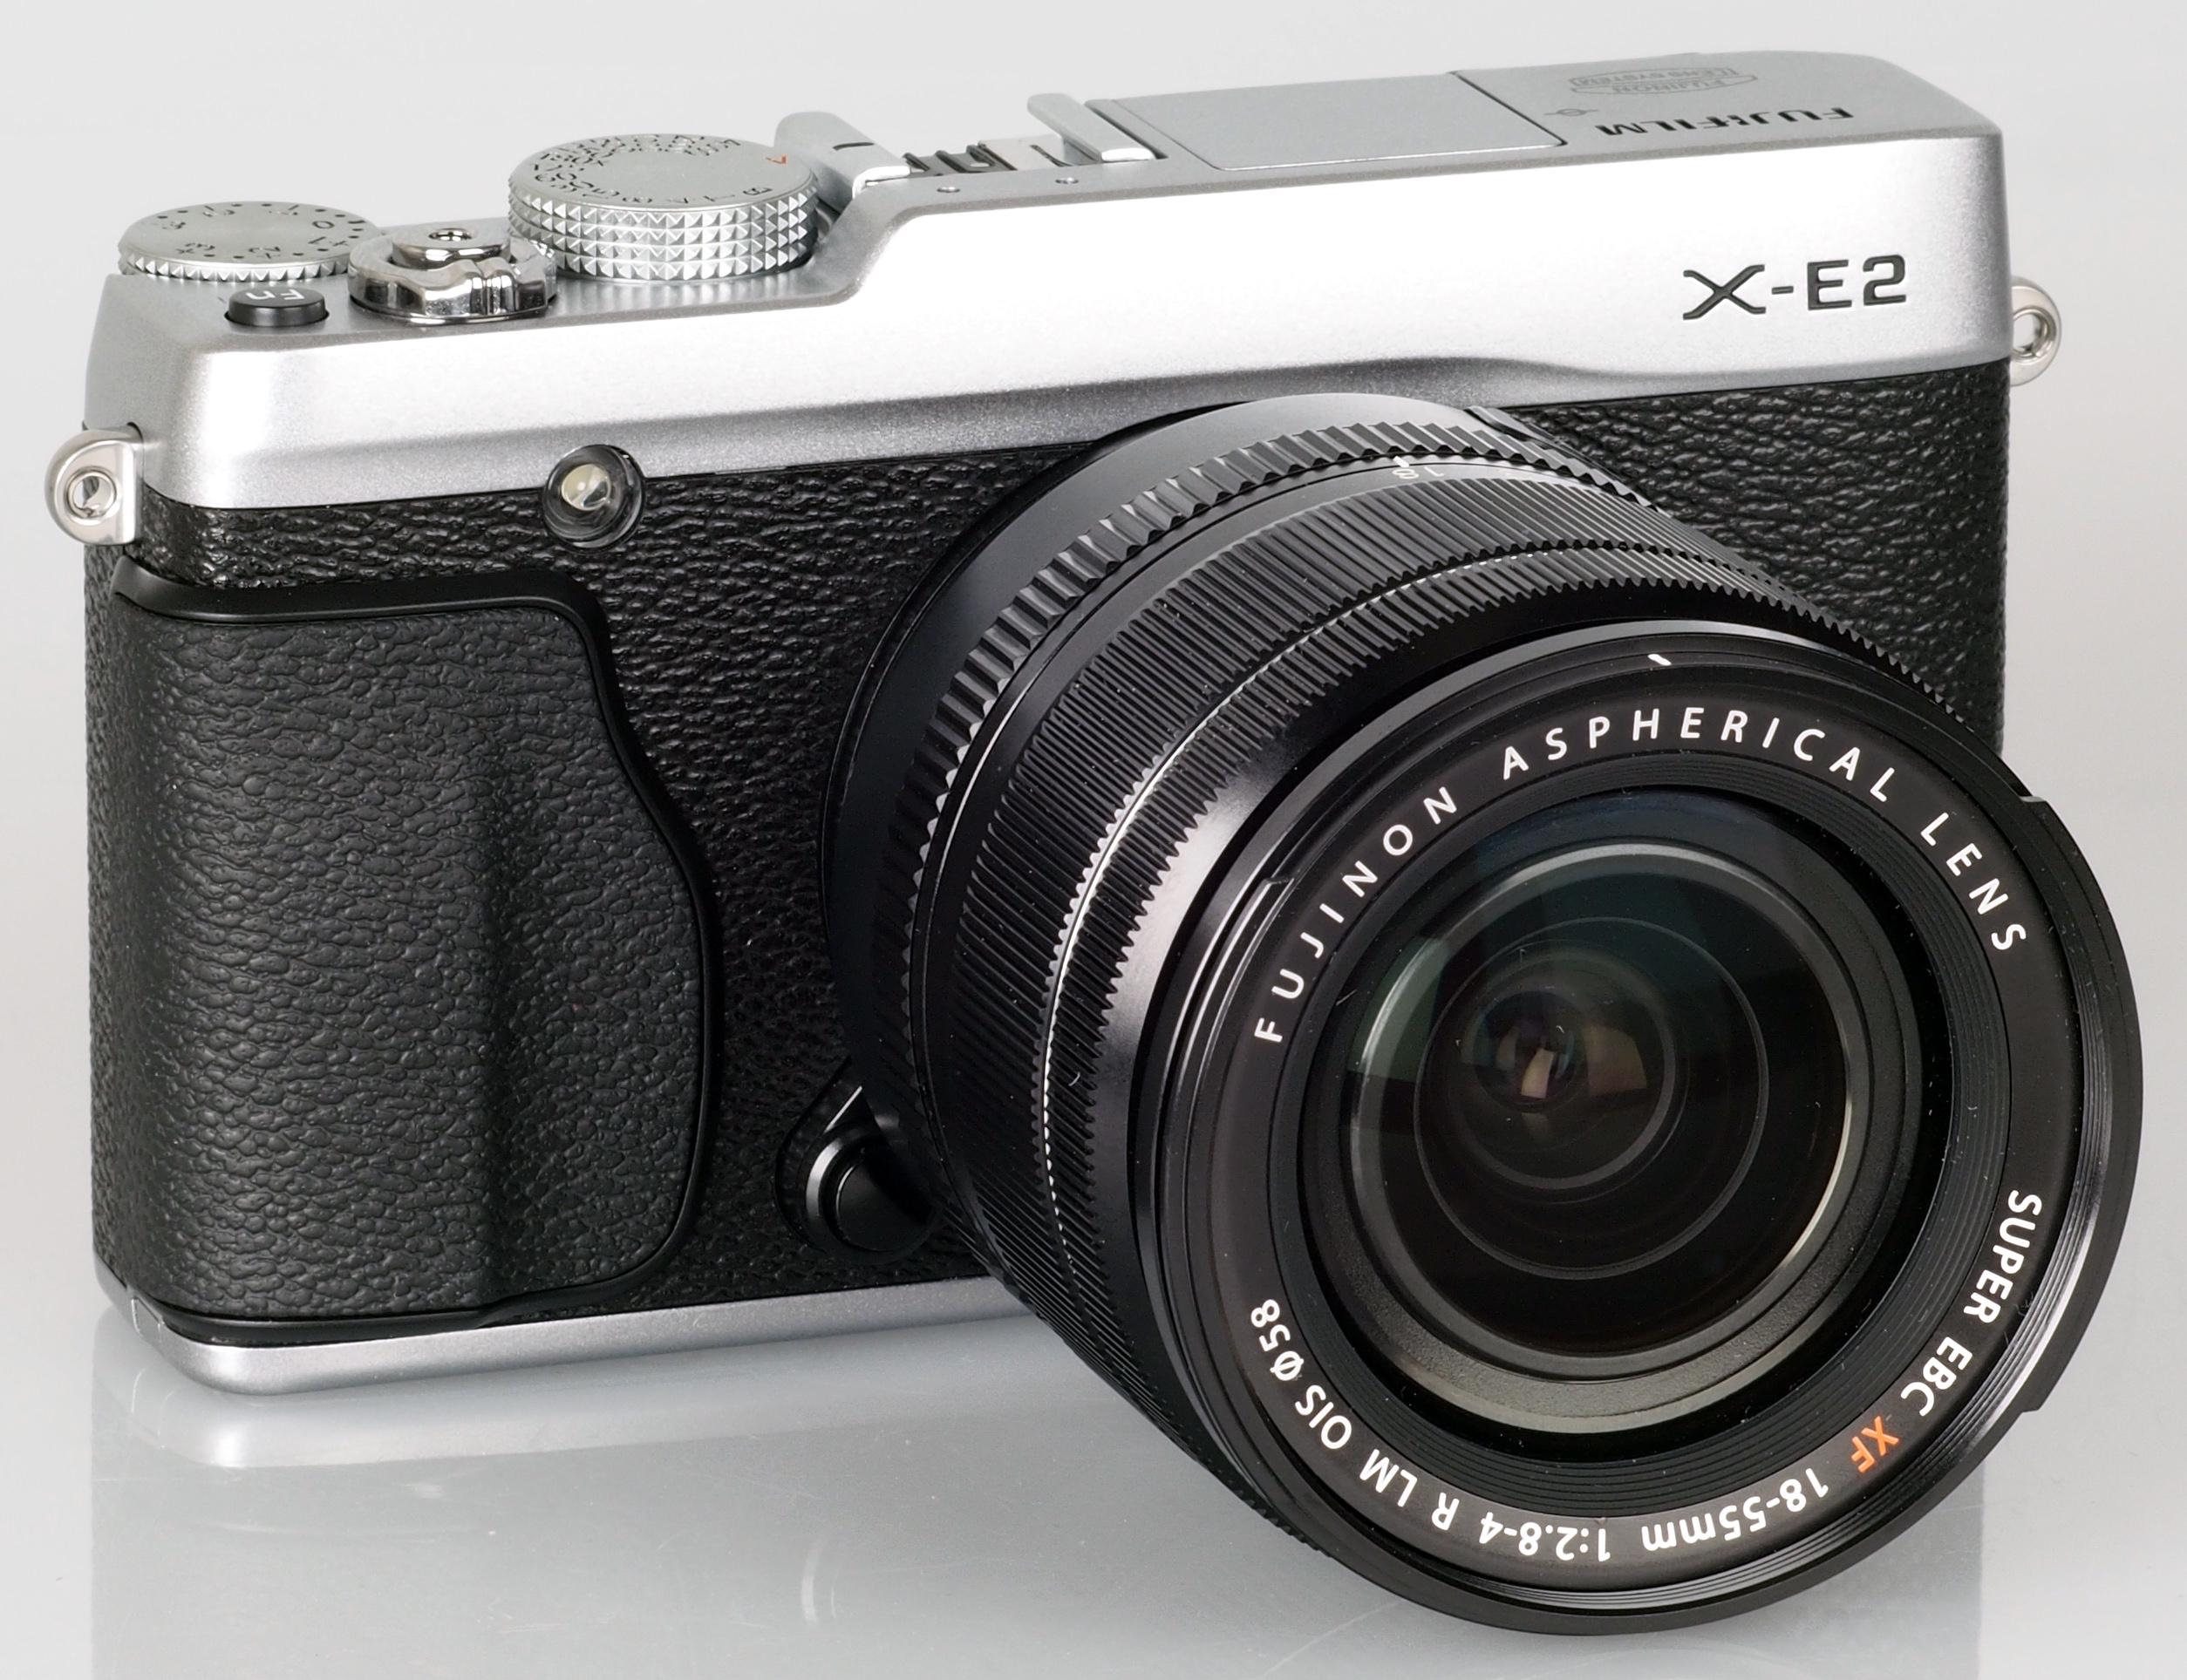 Fujifilm x-e2s vs. X-e2 (firmware 4. 0): all the key differences.